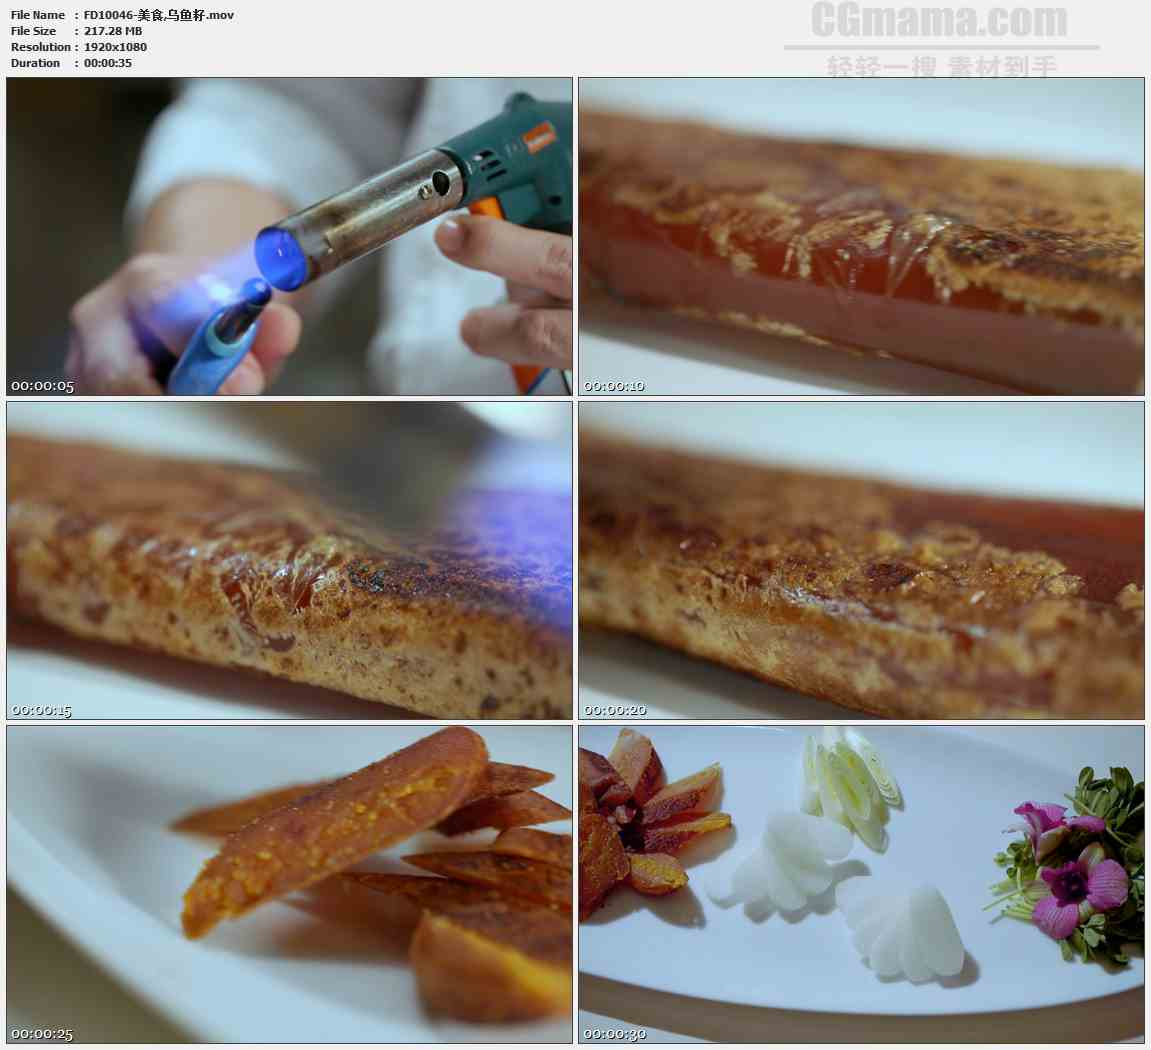 FD10046-火烤乌鱼籽高端美食美味高清实拍视频素材